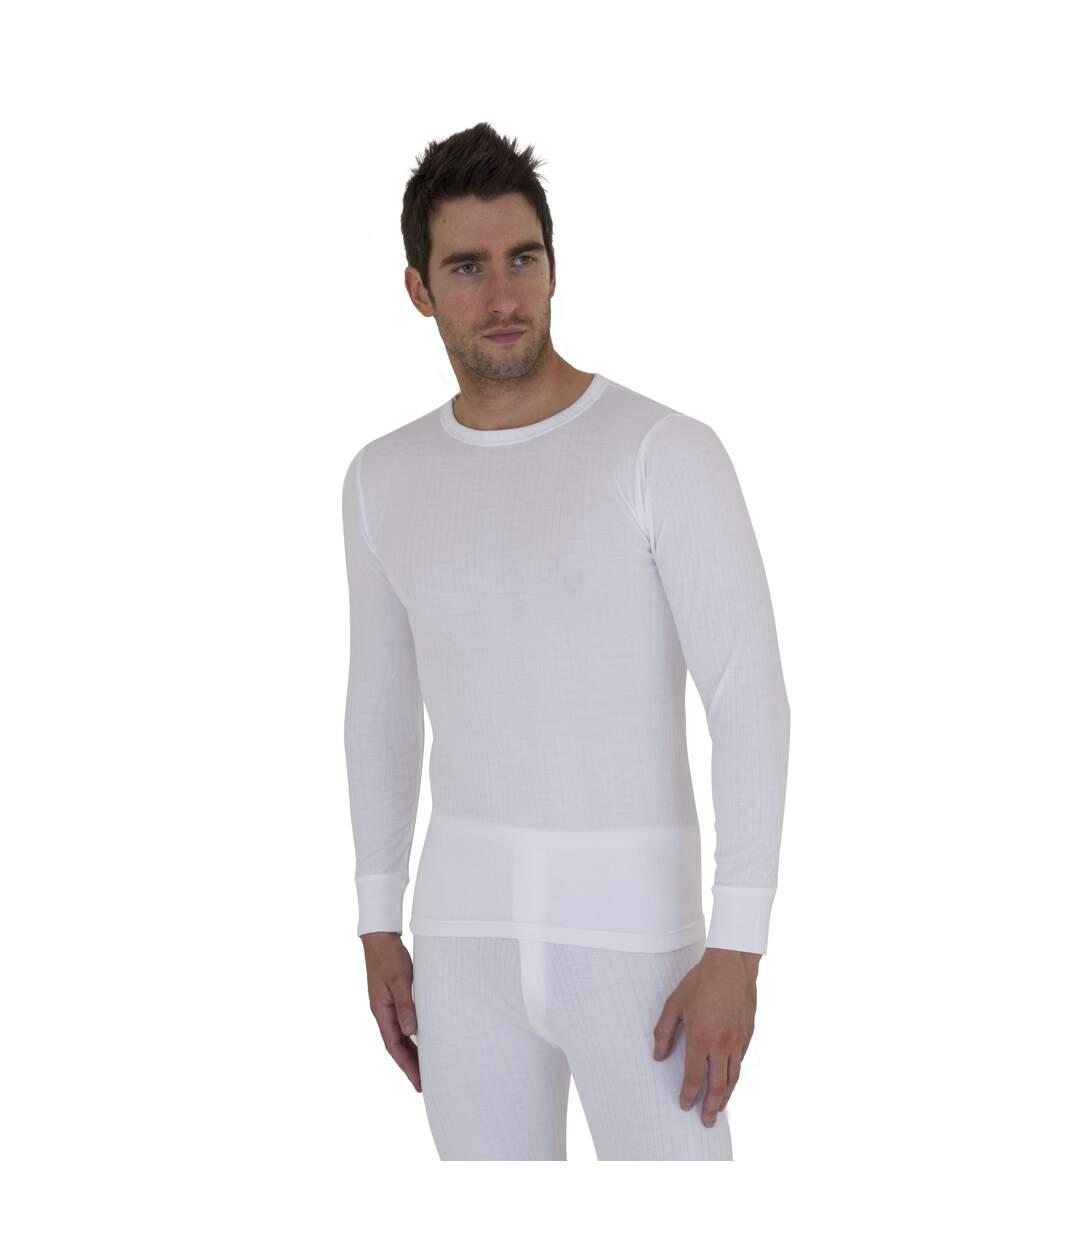 T-shirt thermique à manches longues - Homme (Blanc) - UTTHERM12